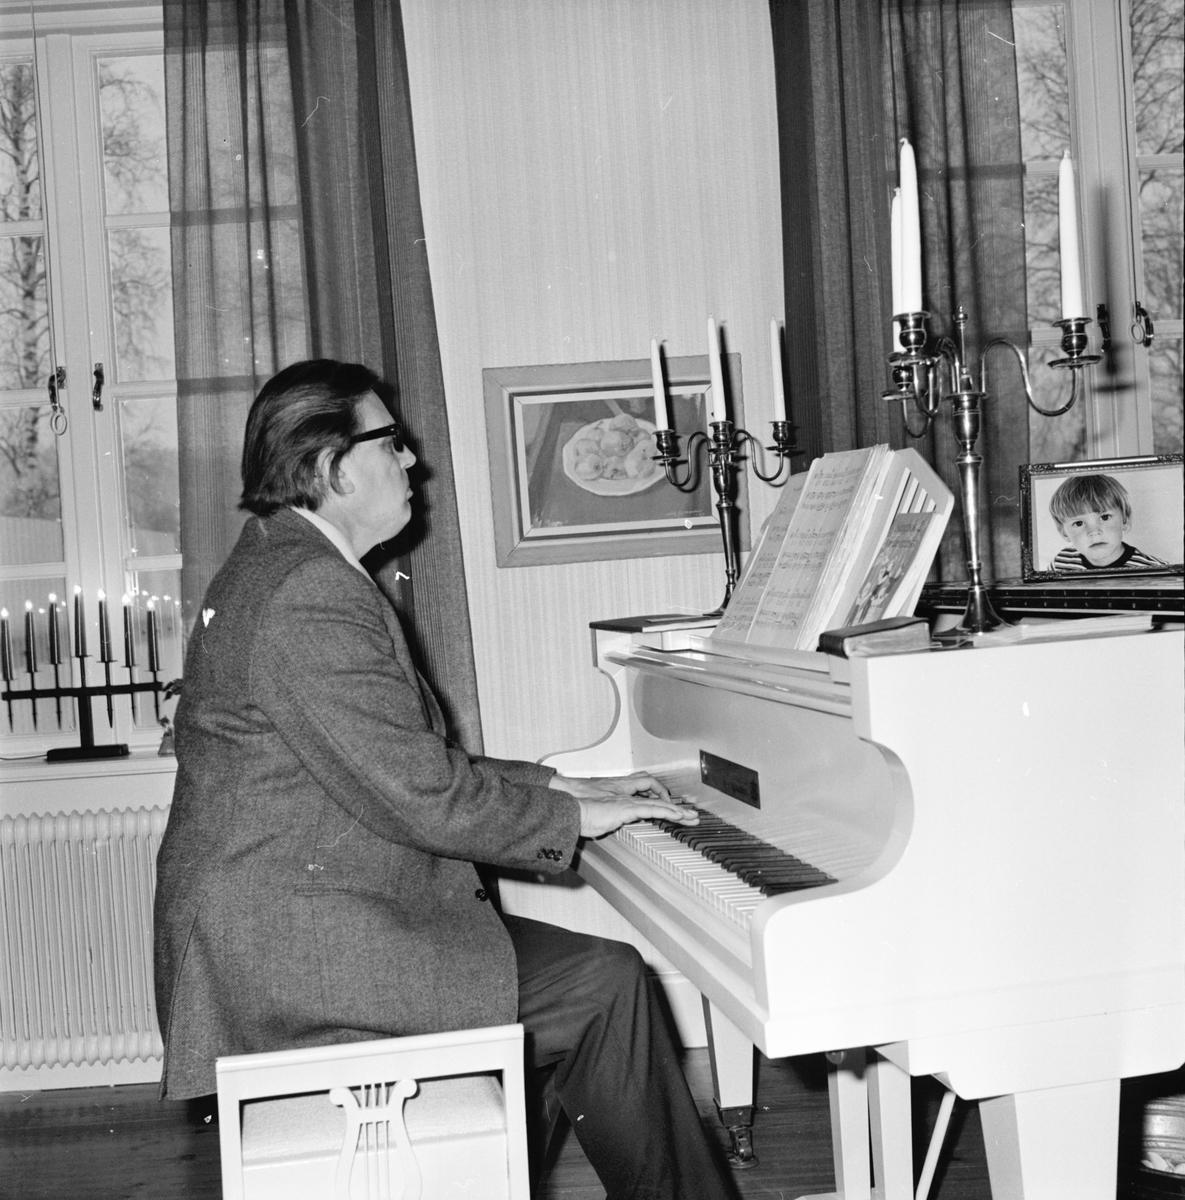 Arbrå, Syföreningsdag prästgården, Febr 1972